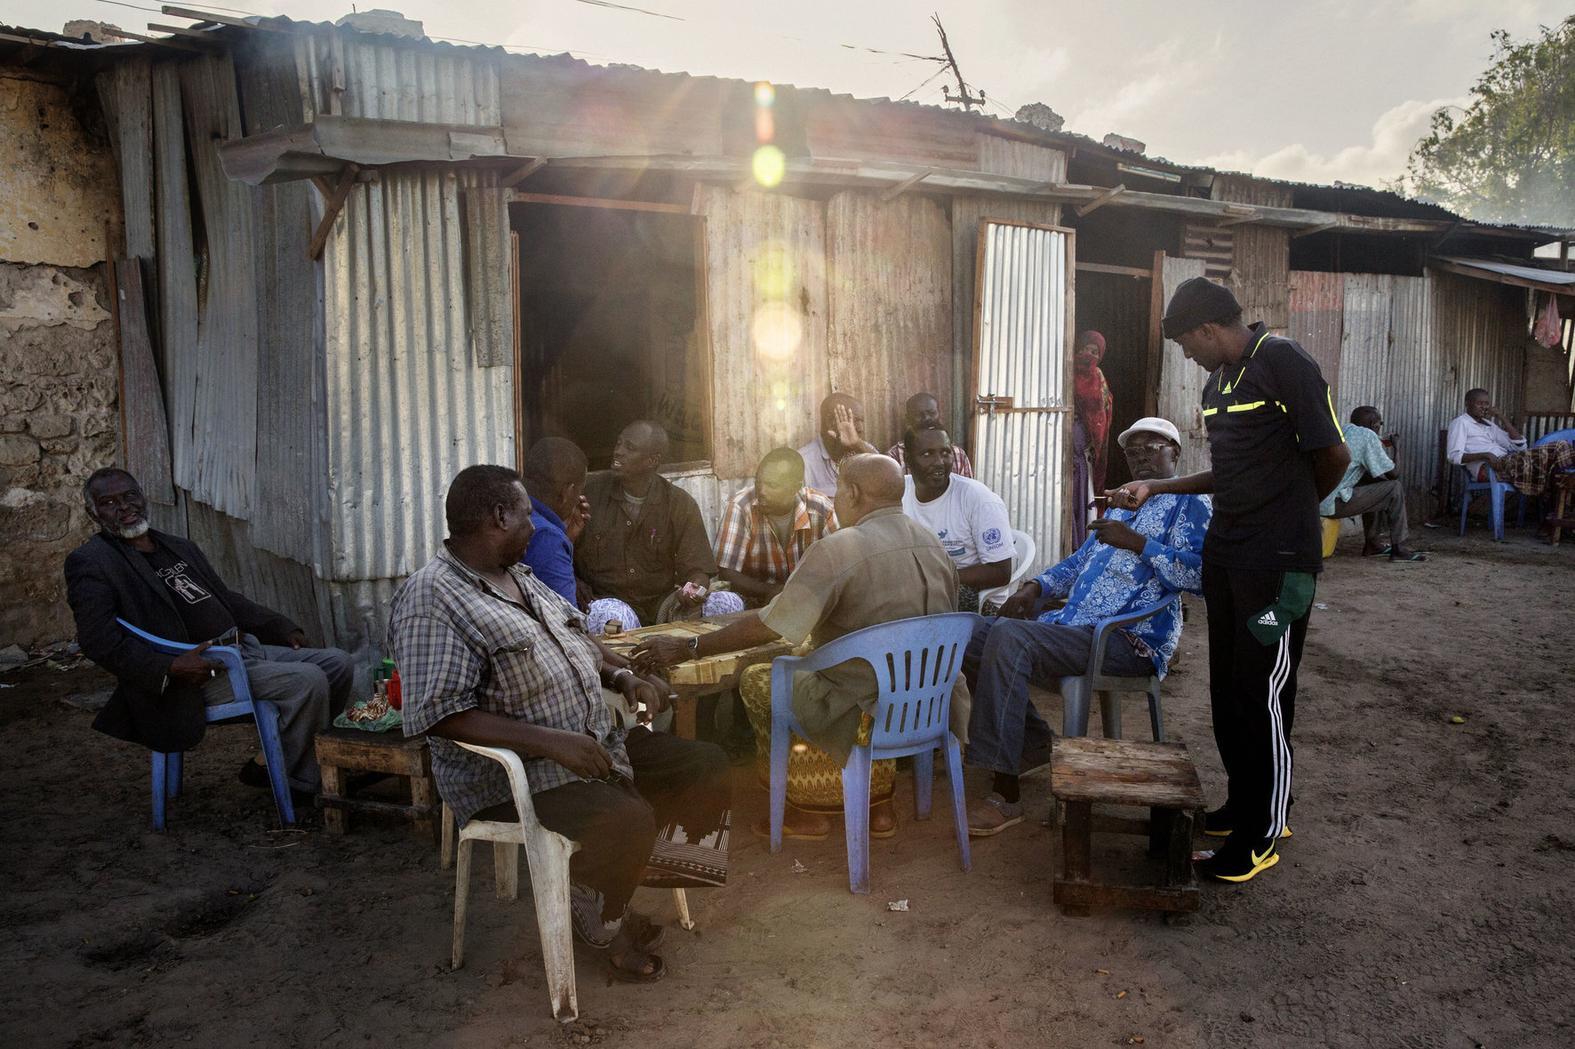 intervista-marco-gualazzini-somalia-contrasto-body-image-1479382533.jpg